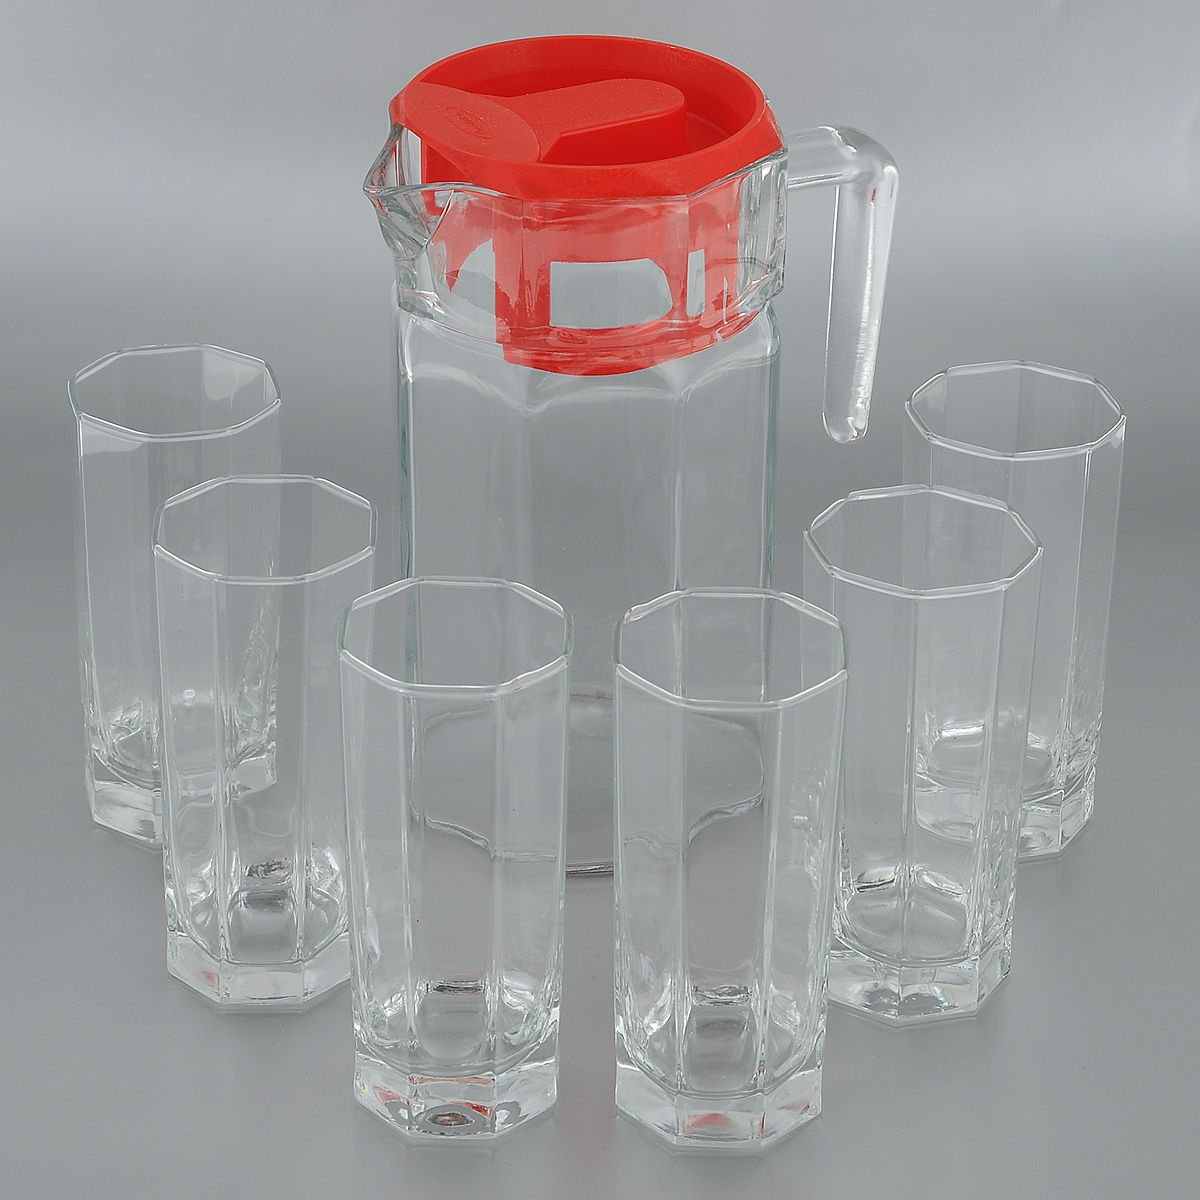 Набор для воды Pasabahce Kosem, 7 предметов97415Набор Pasabahce Kosem состоит из шести стаканов и графина, выполненных из прочного натрий-кальций-силикатного стекла. Предметы набора, оснащенные рельефной многогранной поверхностью, предназначены для воды, сока и других напитков. Графин снабжен пластиковой, плотно закрывающейся крышкой. Изделия сочетают в себе элегантный дизайн и функциональность. Благодаря такому набору пить напитки будет еще вкуснее.Набор для воды Pasabahce Kosem прекрасно оформит праздничный стол и создаст приятную атмосферу. Такой набор также станет хорошим подарком к любому случаю. Можно мыть в посудомоечной машине и использовать в микроволновой печи.Объем графина: 1,25 л. Диаметр графина (по верхнему краю): 11 см. Высота графина (без учета крышки): 21,5 см. Объем стакана: 260 мл. Диаметр стакана (по верхнему краю): 6 см. Высота стакана: 13,5 см.